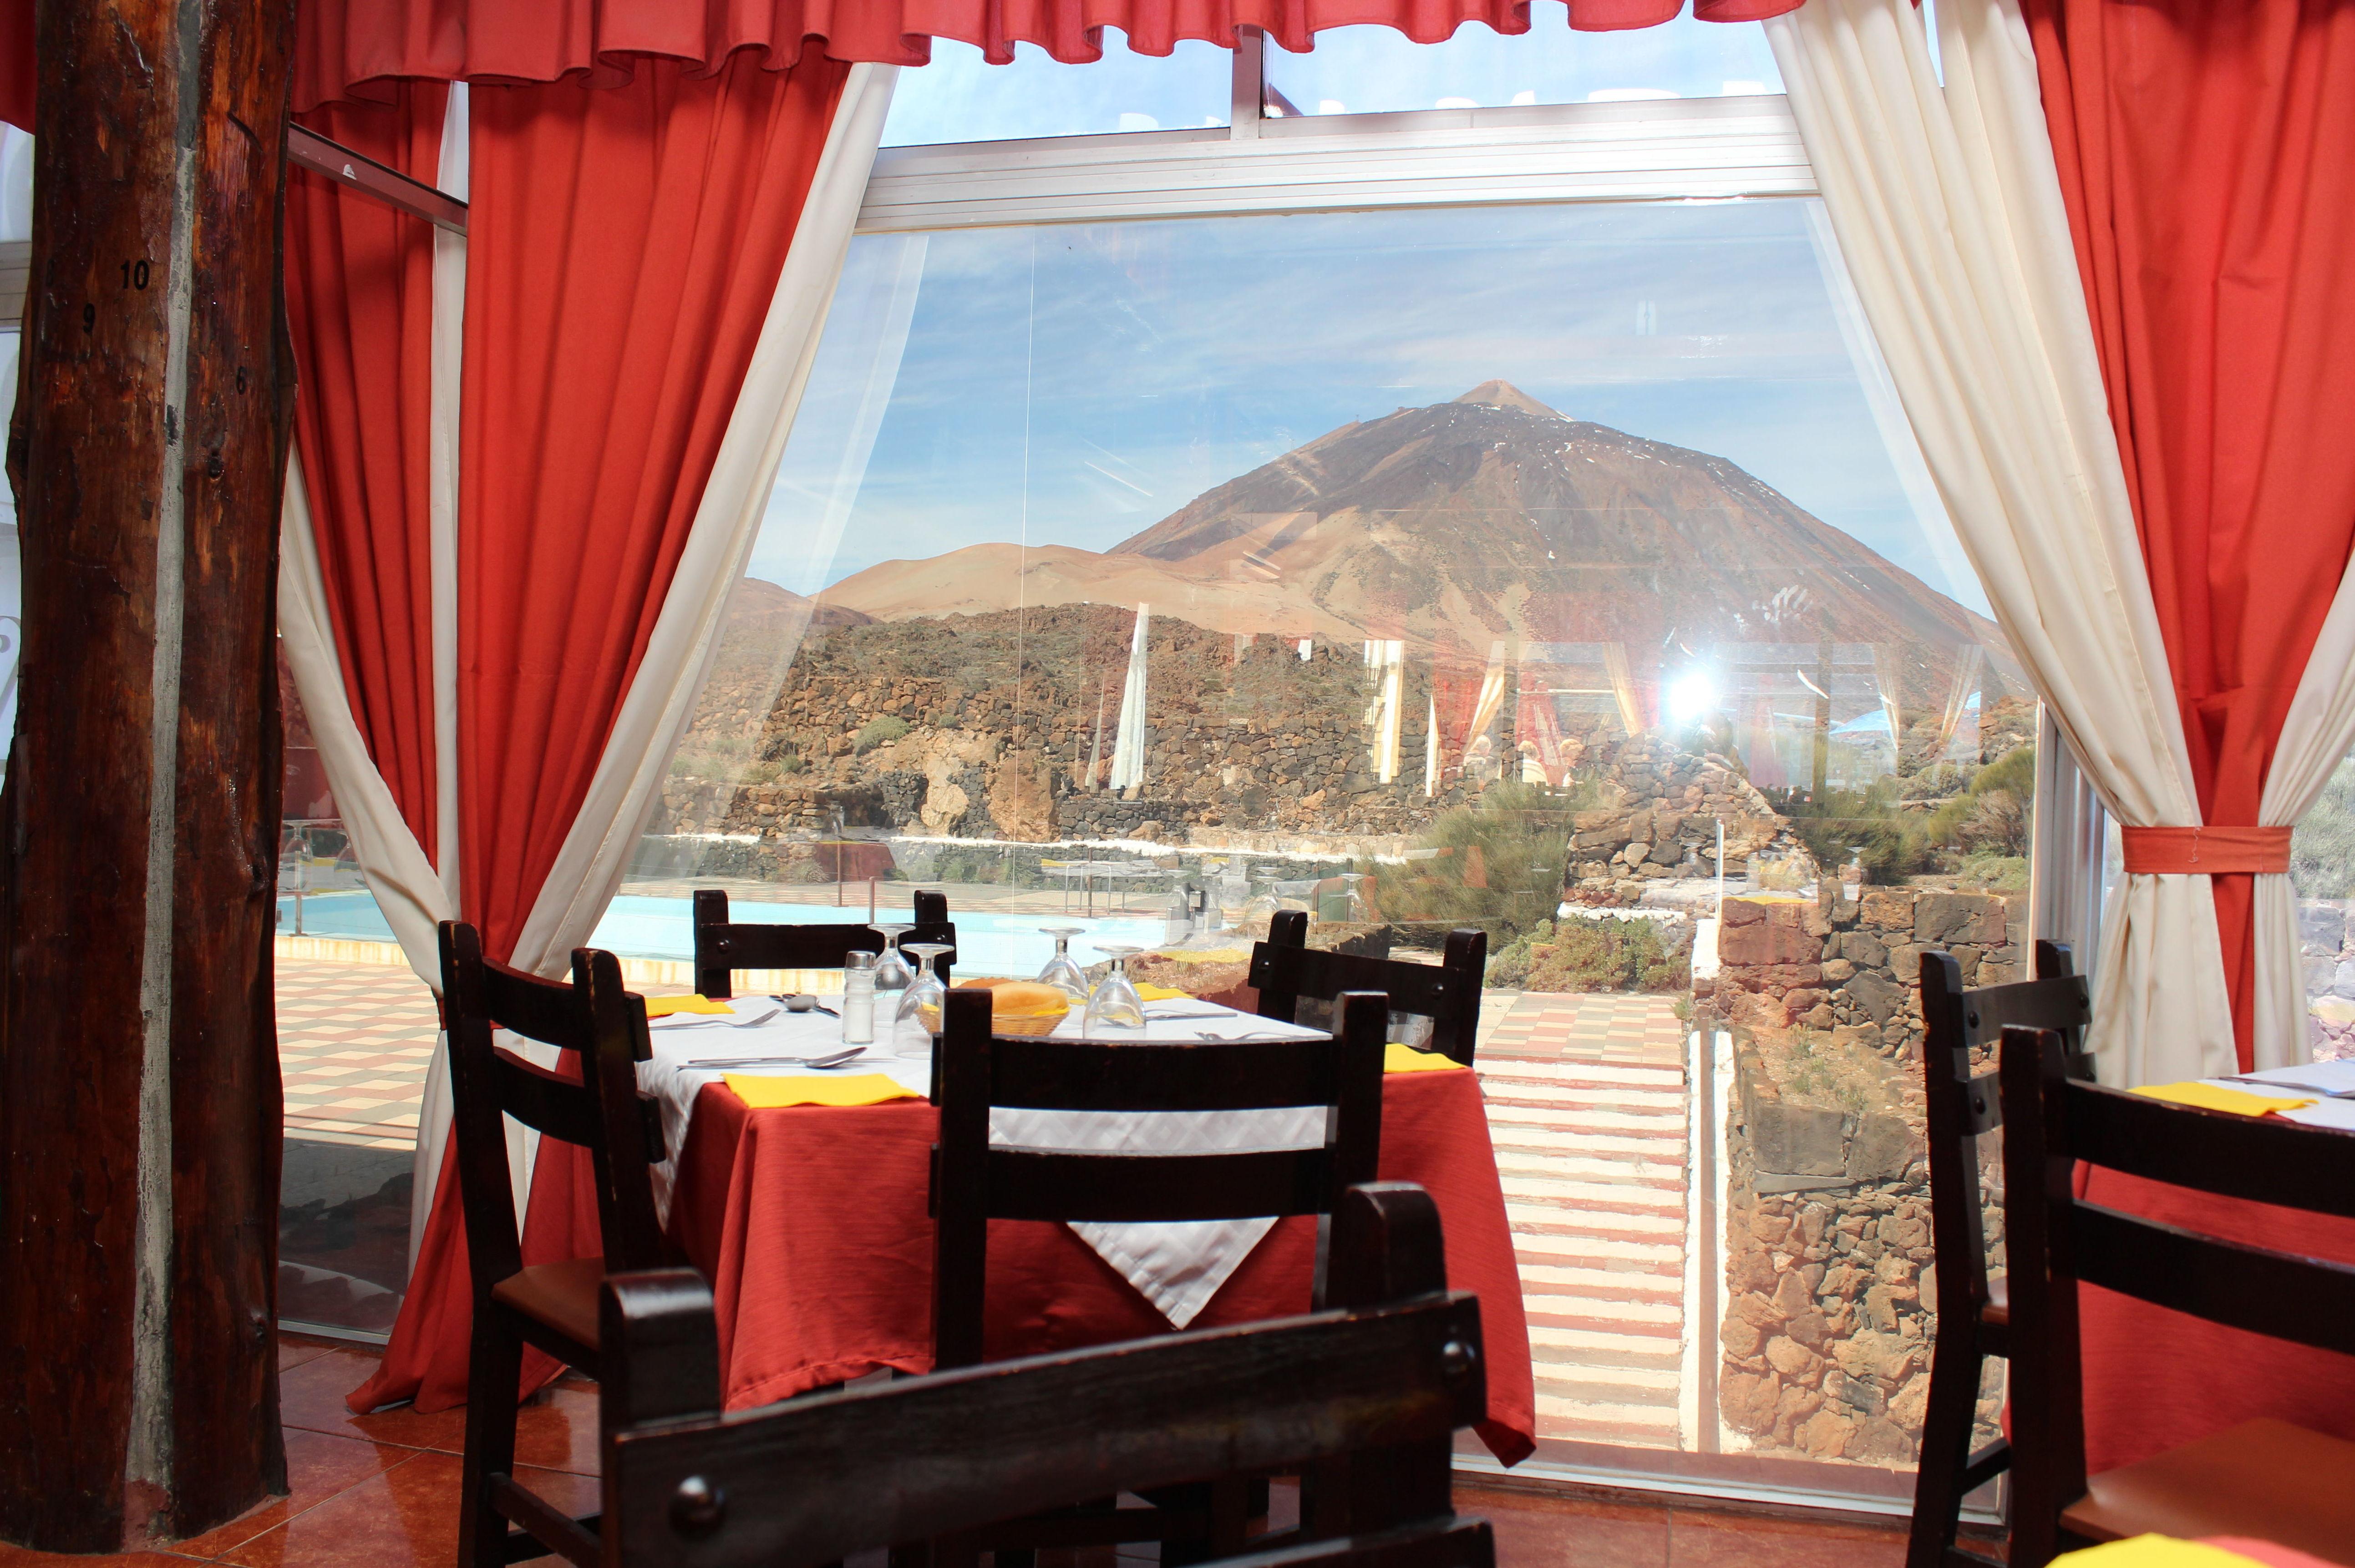 Restaurante con impresionantes vistas al Teide